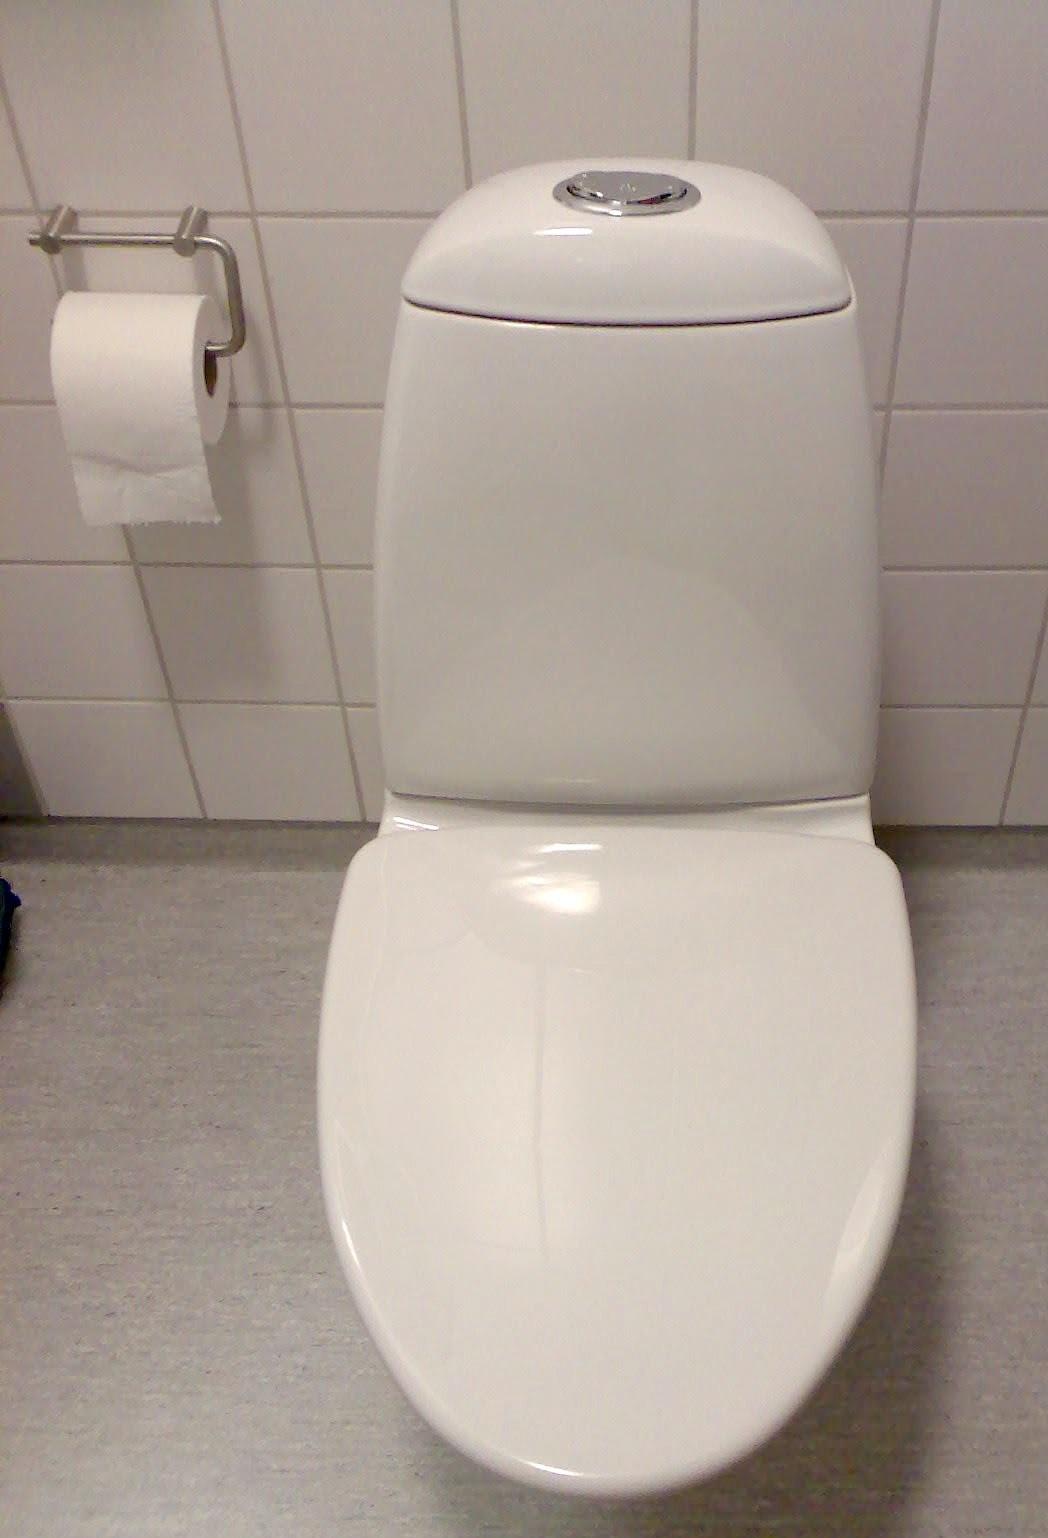 Sanibroyeur Installatie Erkende Loodgieter | Loodgieters.nl destiné Toilette Sanibroyeur